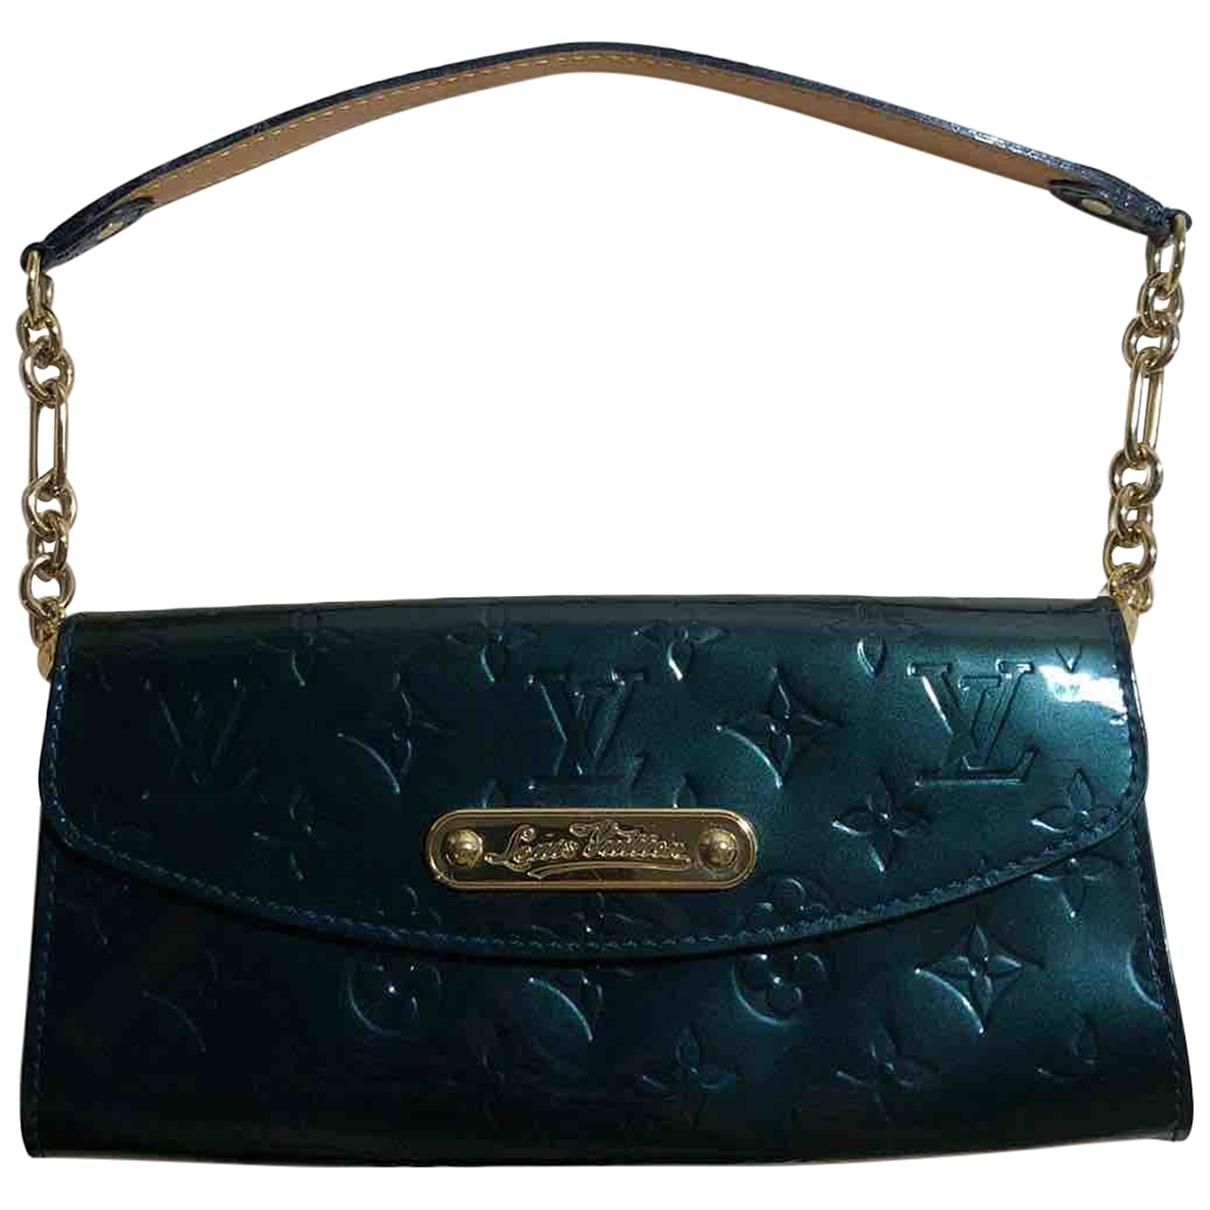 Louis Vuitton - Pochette Sunset Boulevard pour femme en cuir verni - vert